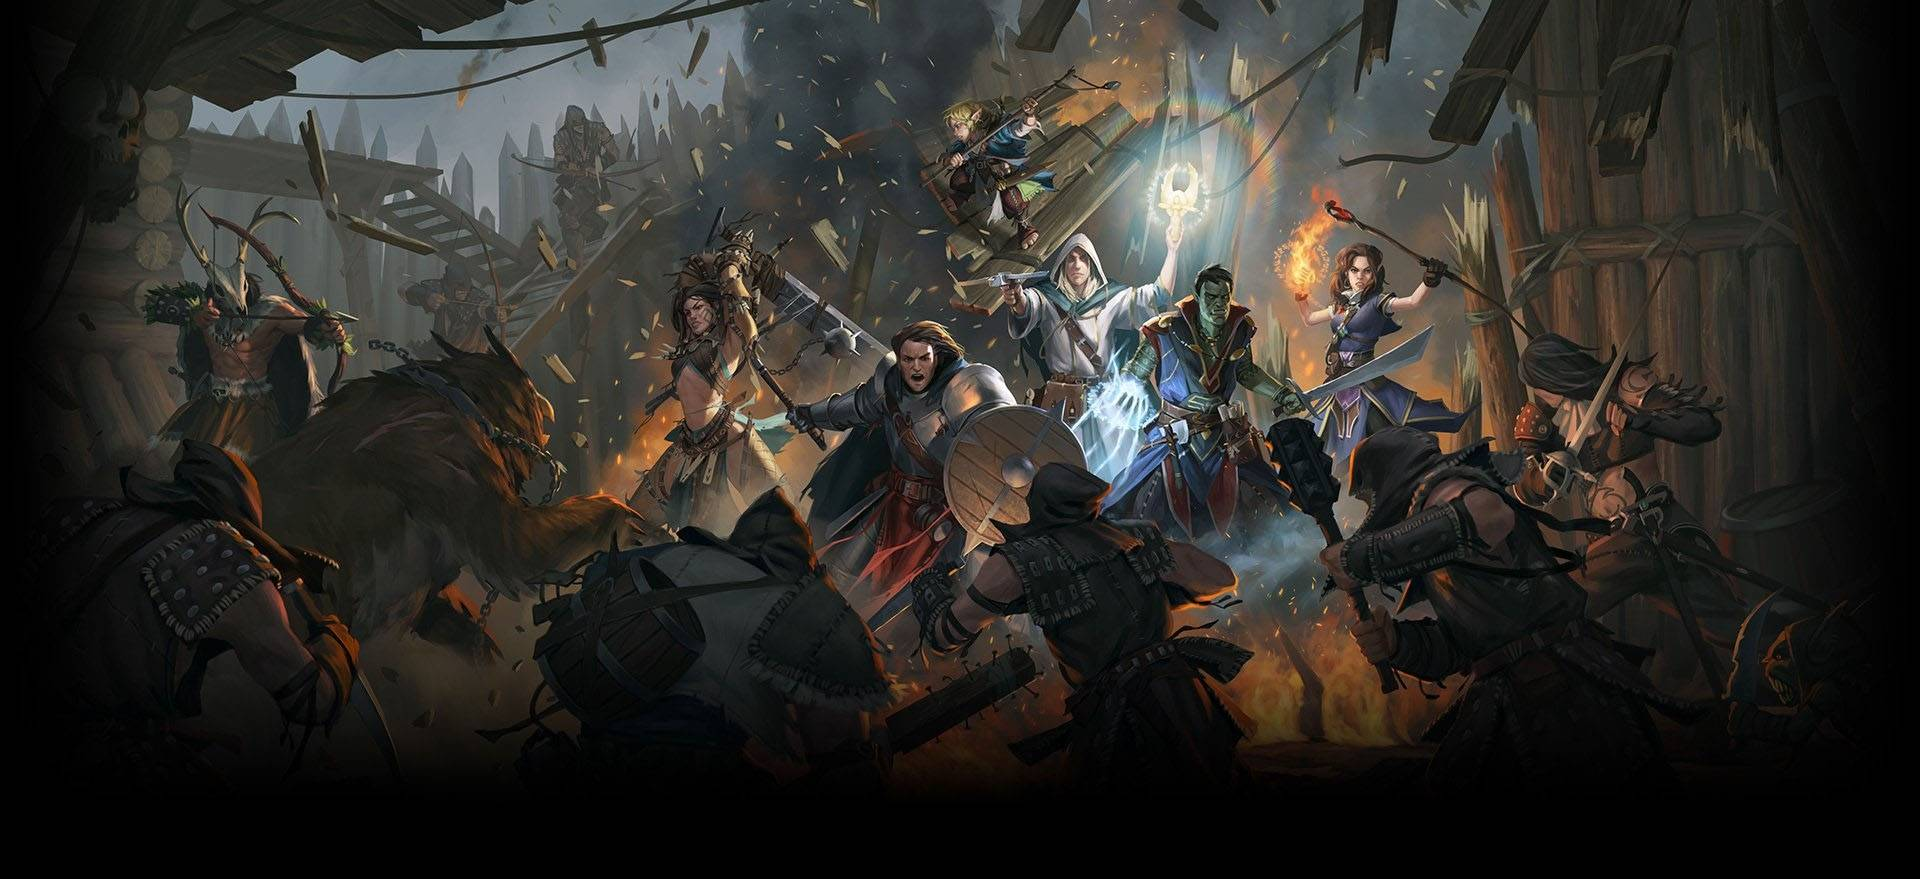 Дороги приключений: 7 главных кампаний для настольной ролевой игры Pathfinder 4